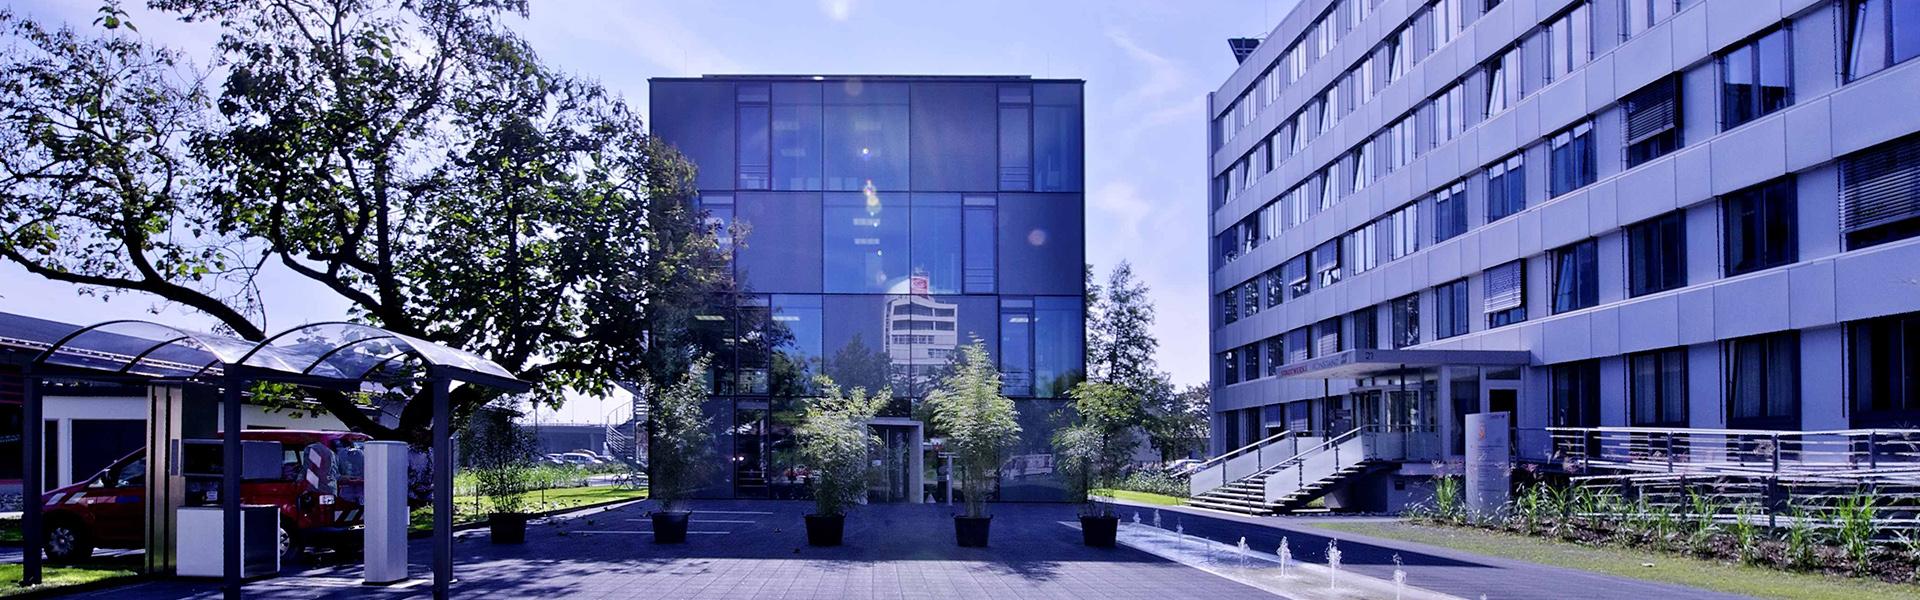 Kundenzentrum der Stadtwerke Konstanz GmbH